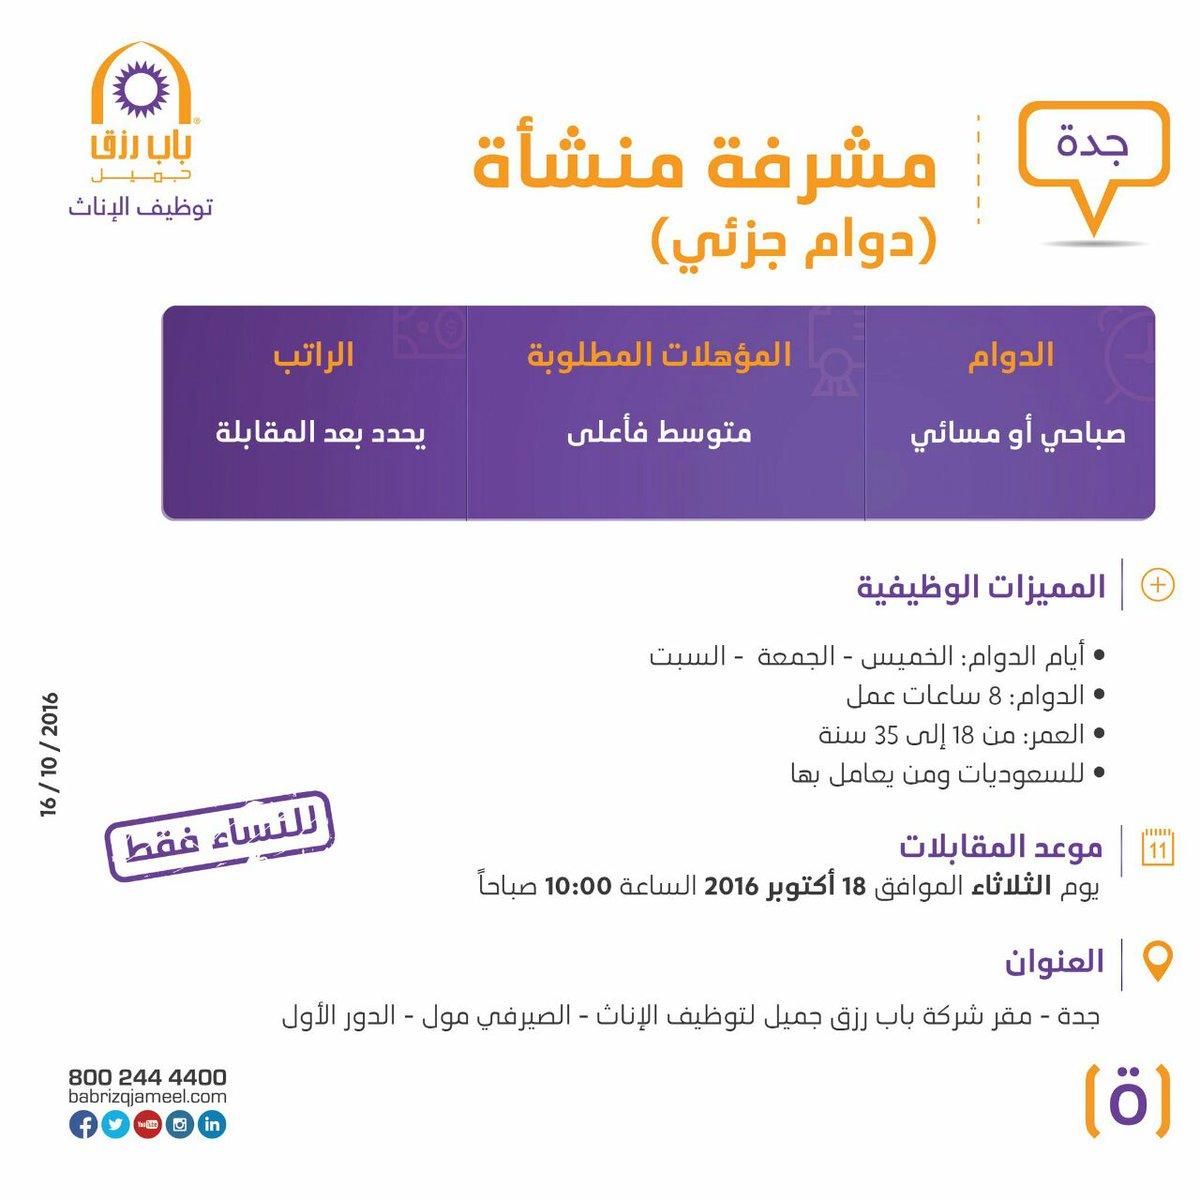 خبرة لتوظيف الطلبة Pa Twitter مشرفة منشأة دوام جزئي في جدة دوام صباحي أو مسائي